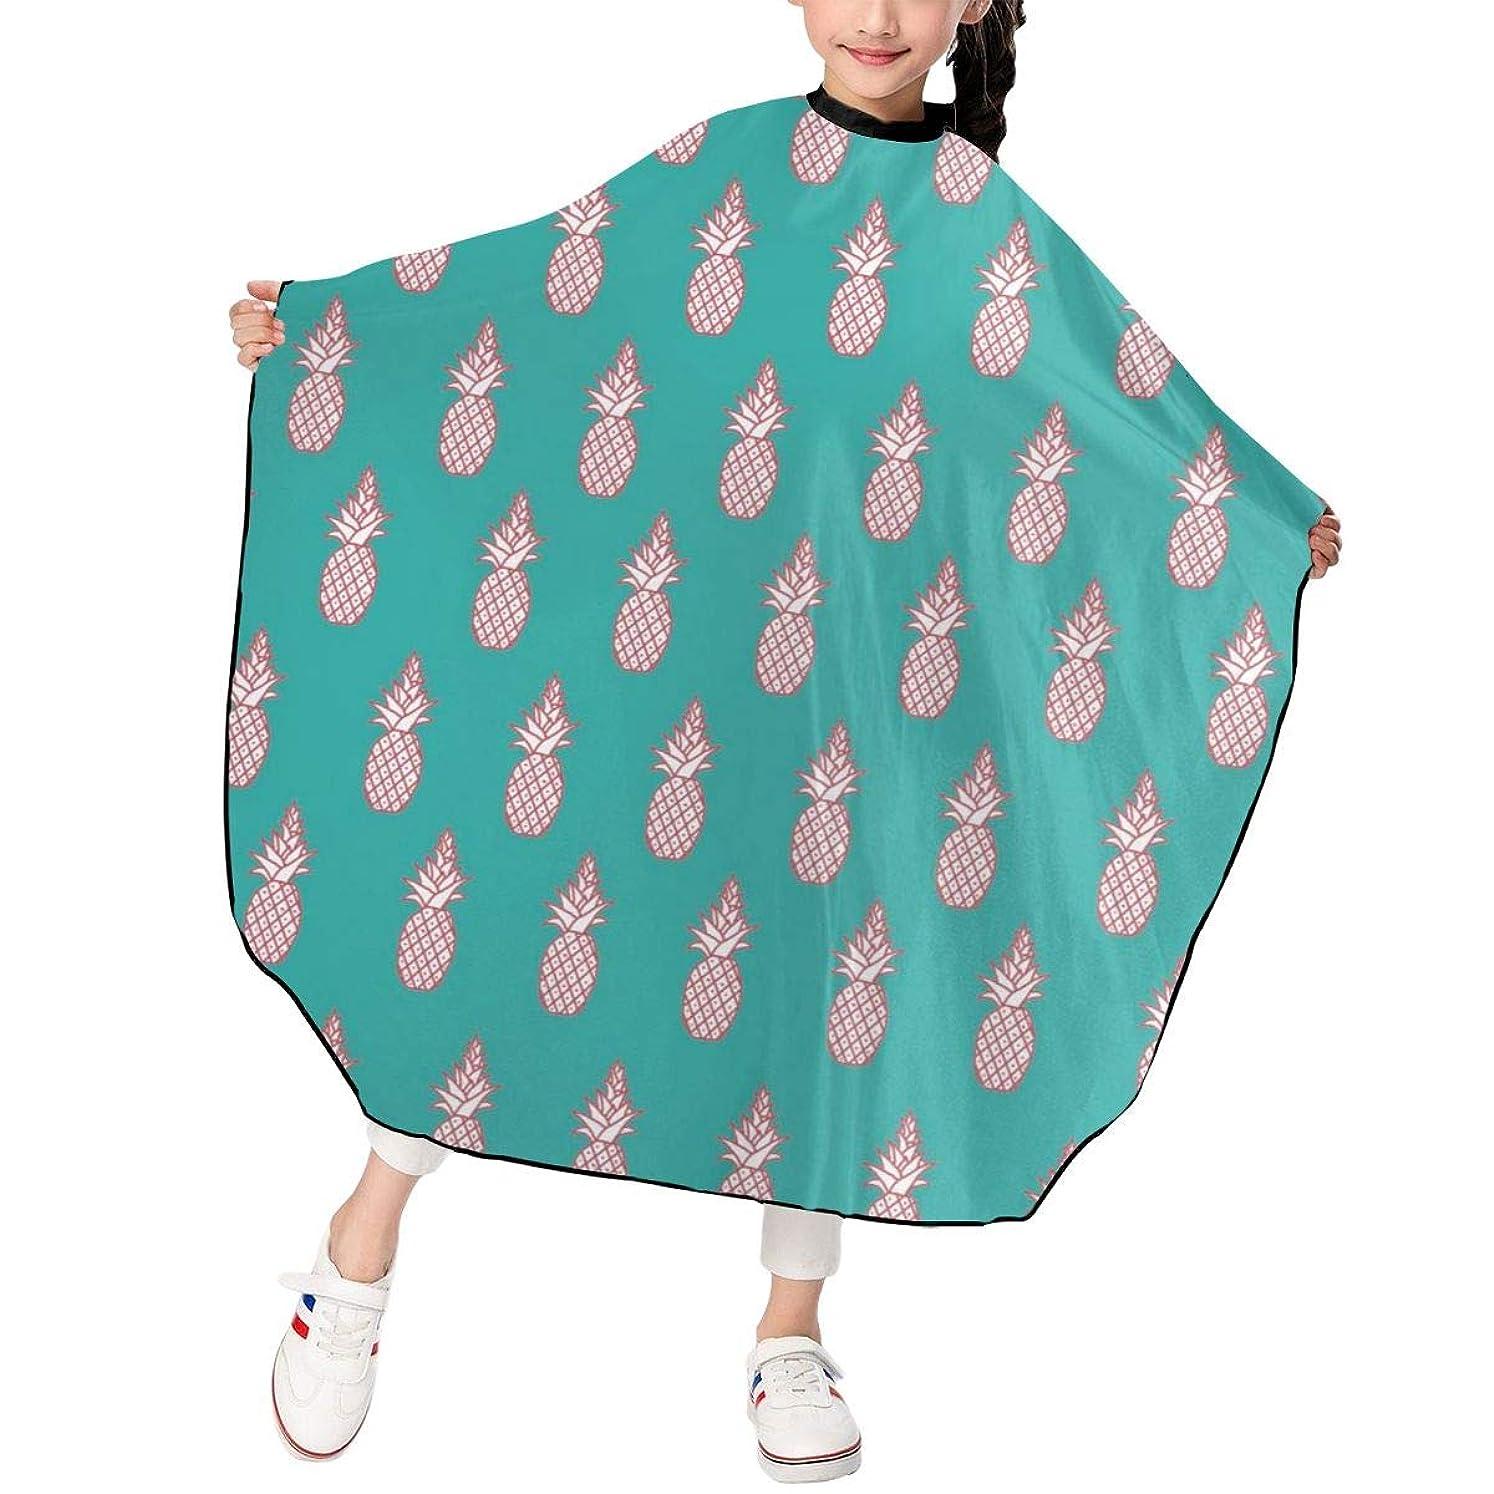 消える液化するたらいパイナップルパターン 散髪ケープ ヘアーエプロン 子供 サロン 家庭 美容院 理髪 操作やすい 散髪 撥水加工 静電気防止 柔らか 滑らか 上質 ファッション 男女兼用 ギフト